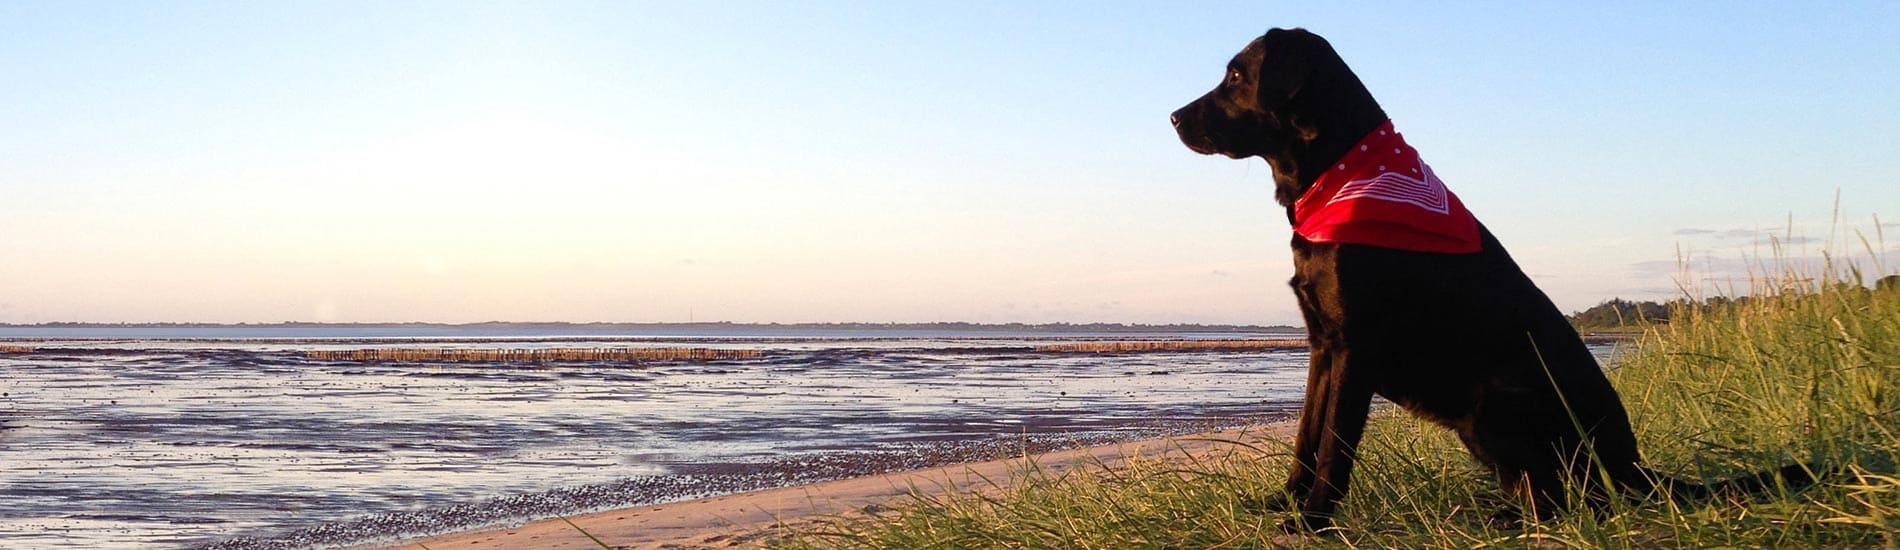 Urlaub Mit Hund An Der Ostsee In Ferienwohnung Ferienhaus